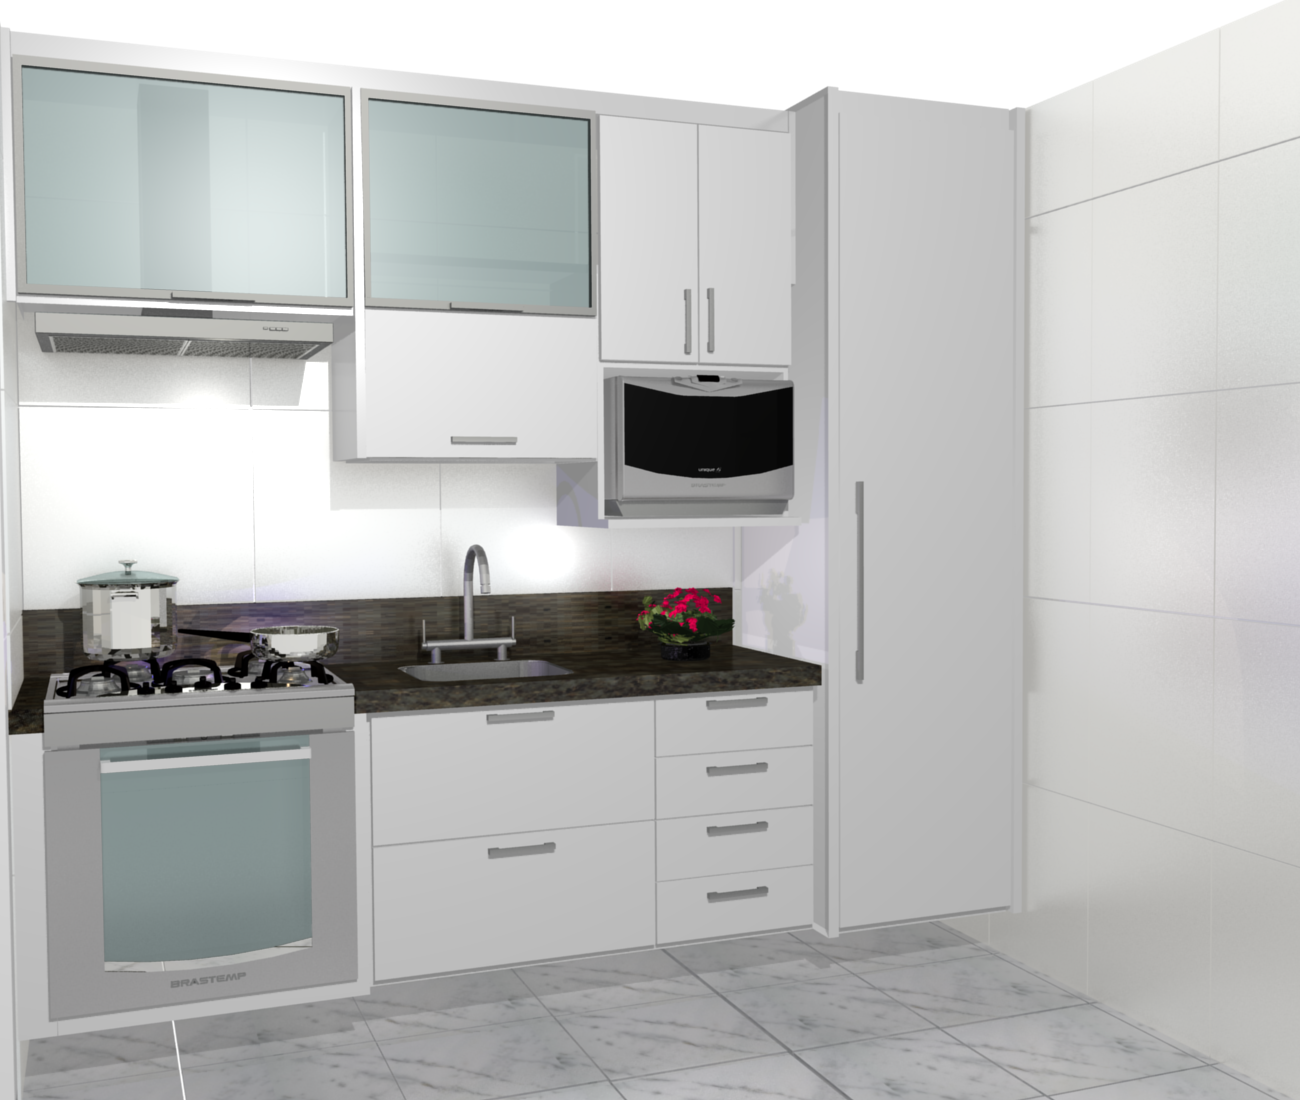 cozinhas planejadas simples bonita pequenas de luxo projeto branca #633F42 1300 1100